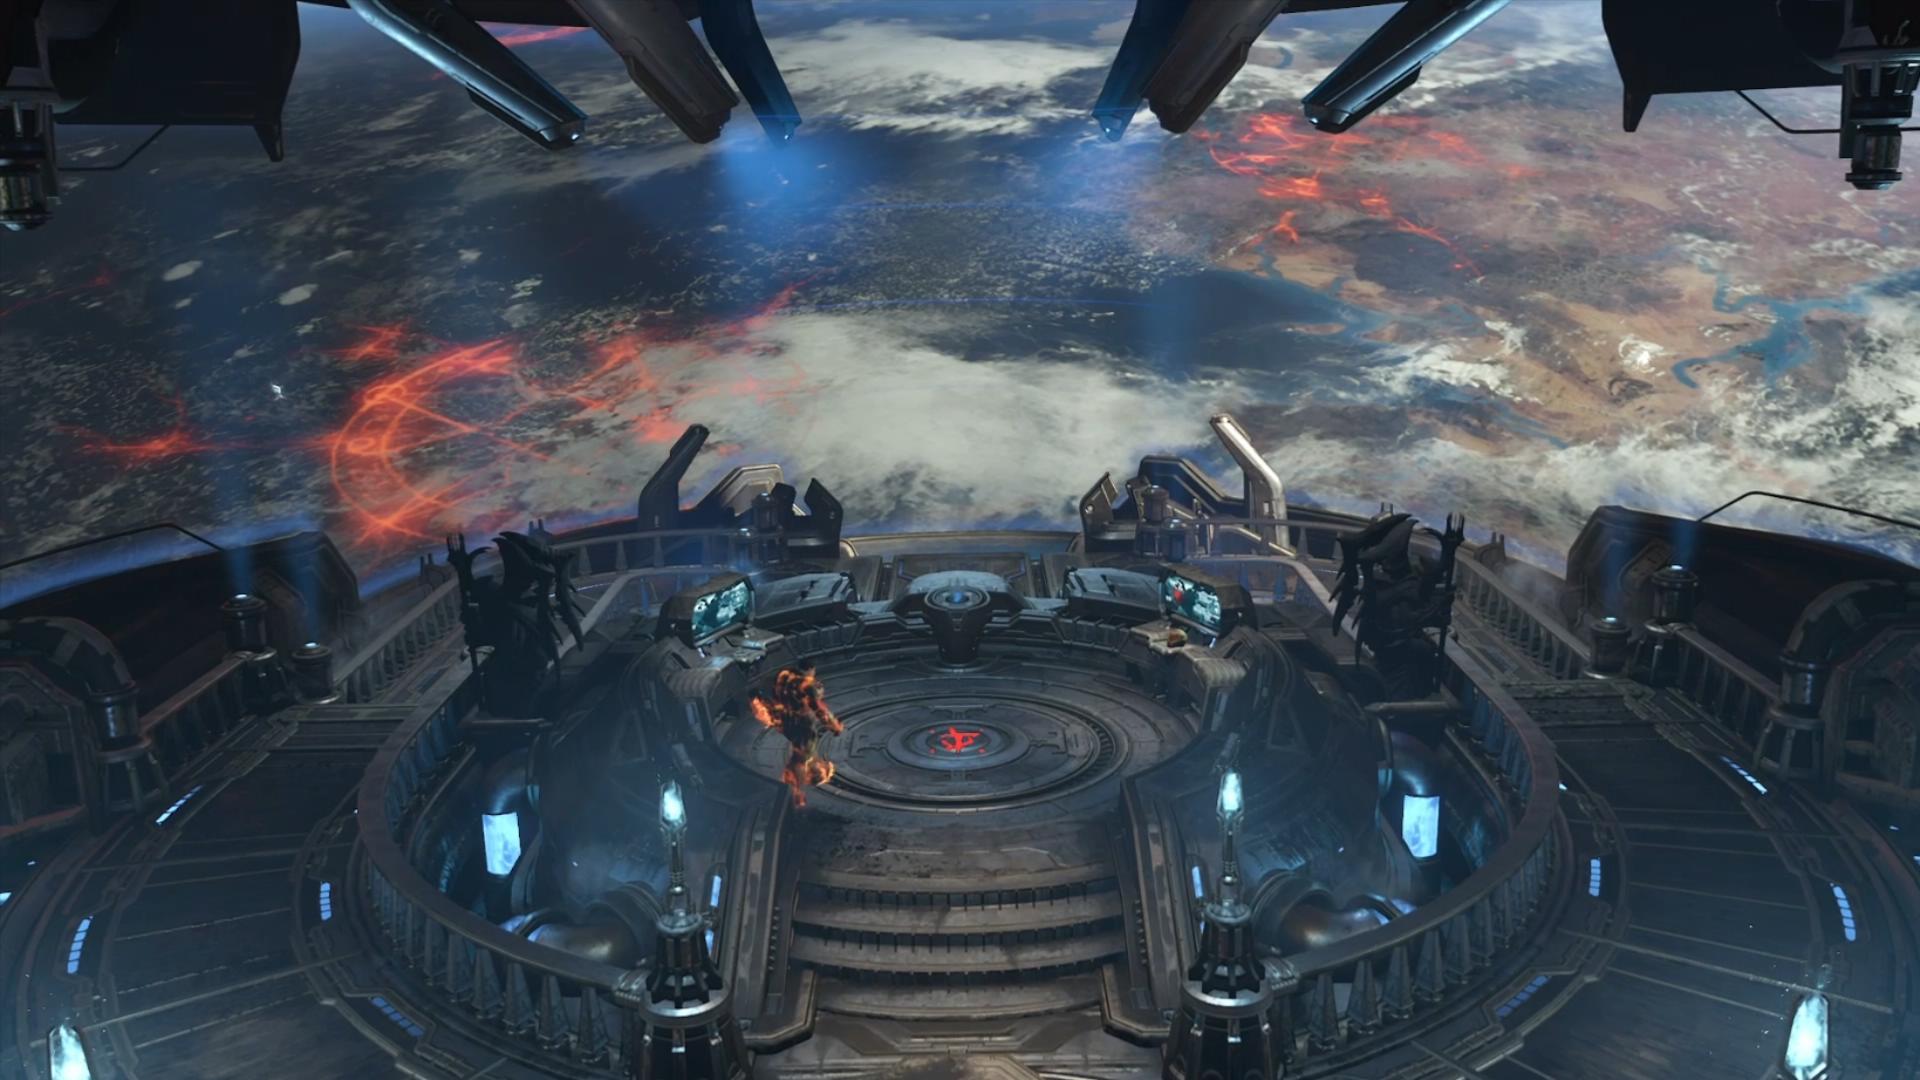 最高画质重制版【DOOM Eternal】毁灭战士:永恒-完整版全剧情过场动画CG和对话-电影式剪辑